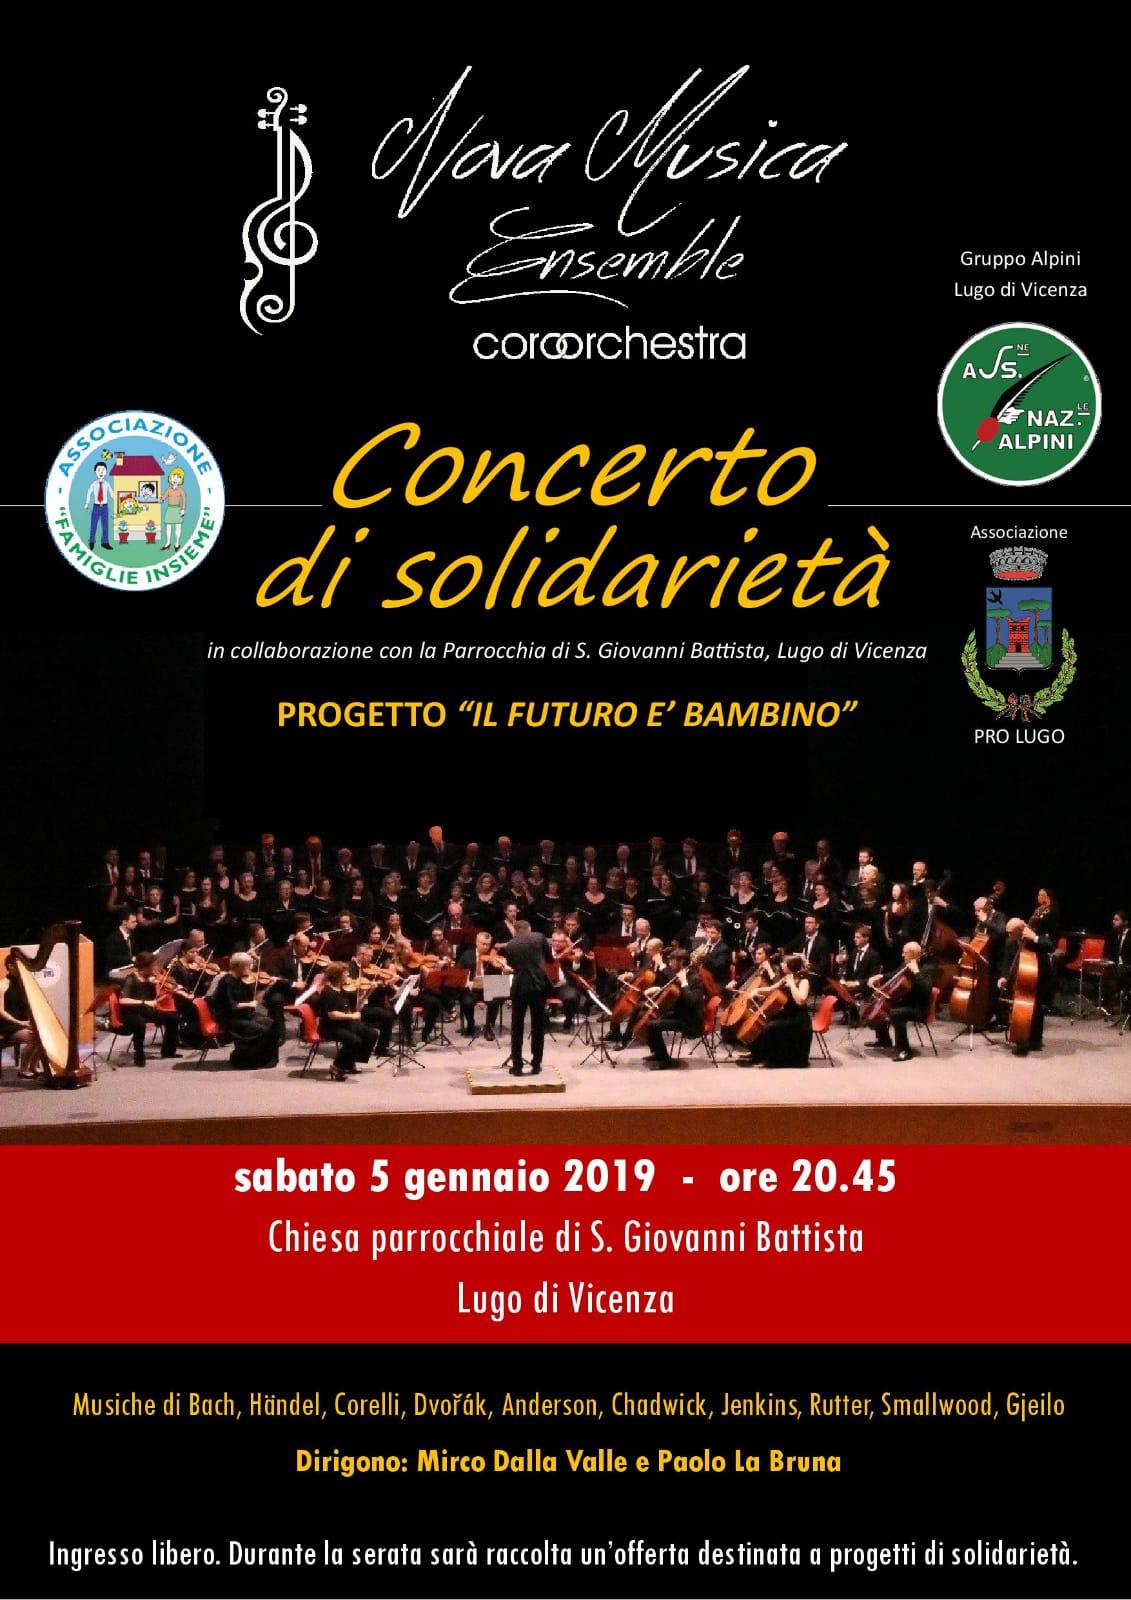 Concerto di solidarietà - Harmonia Nova